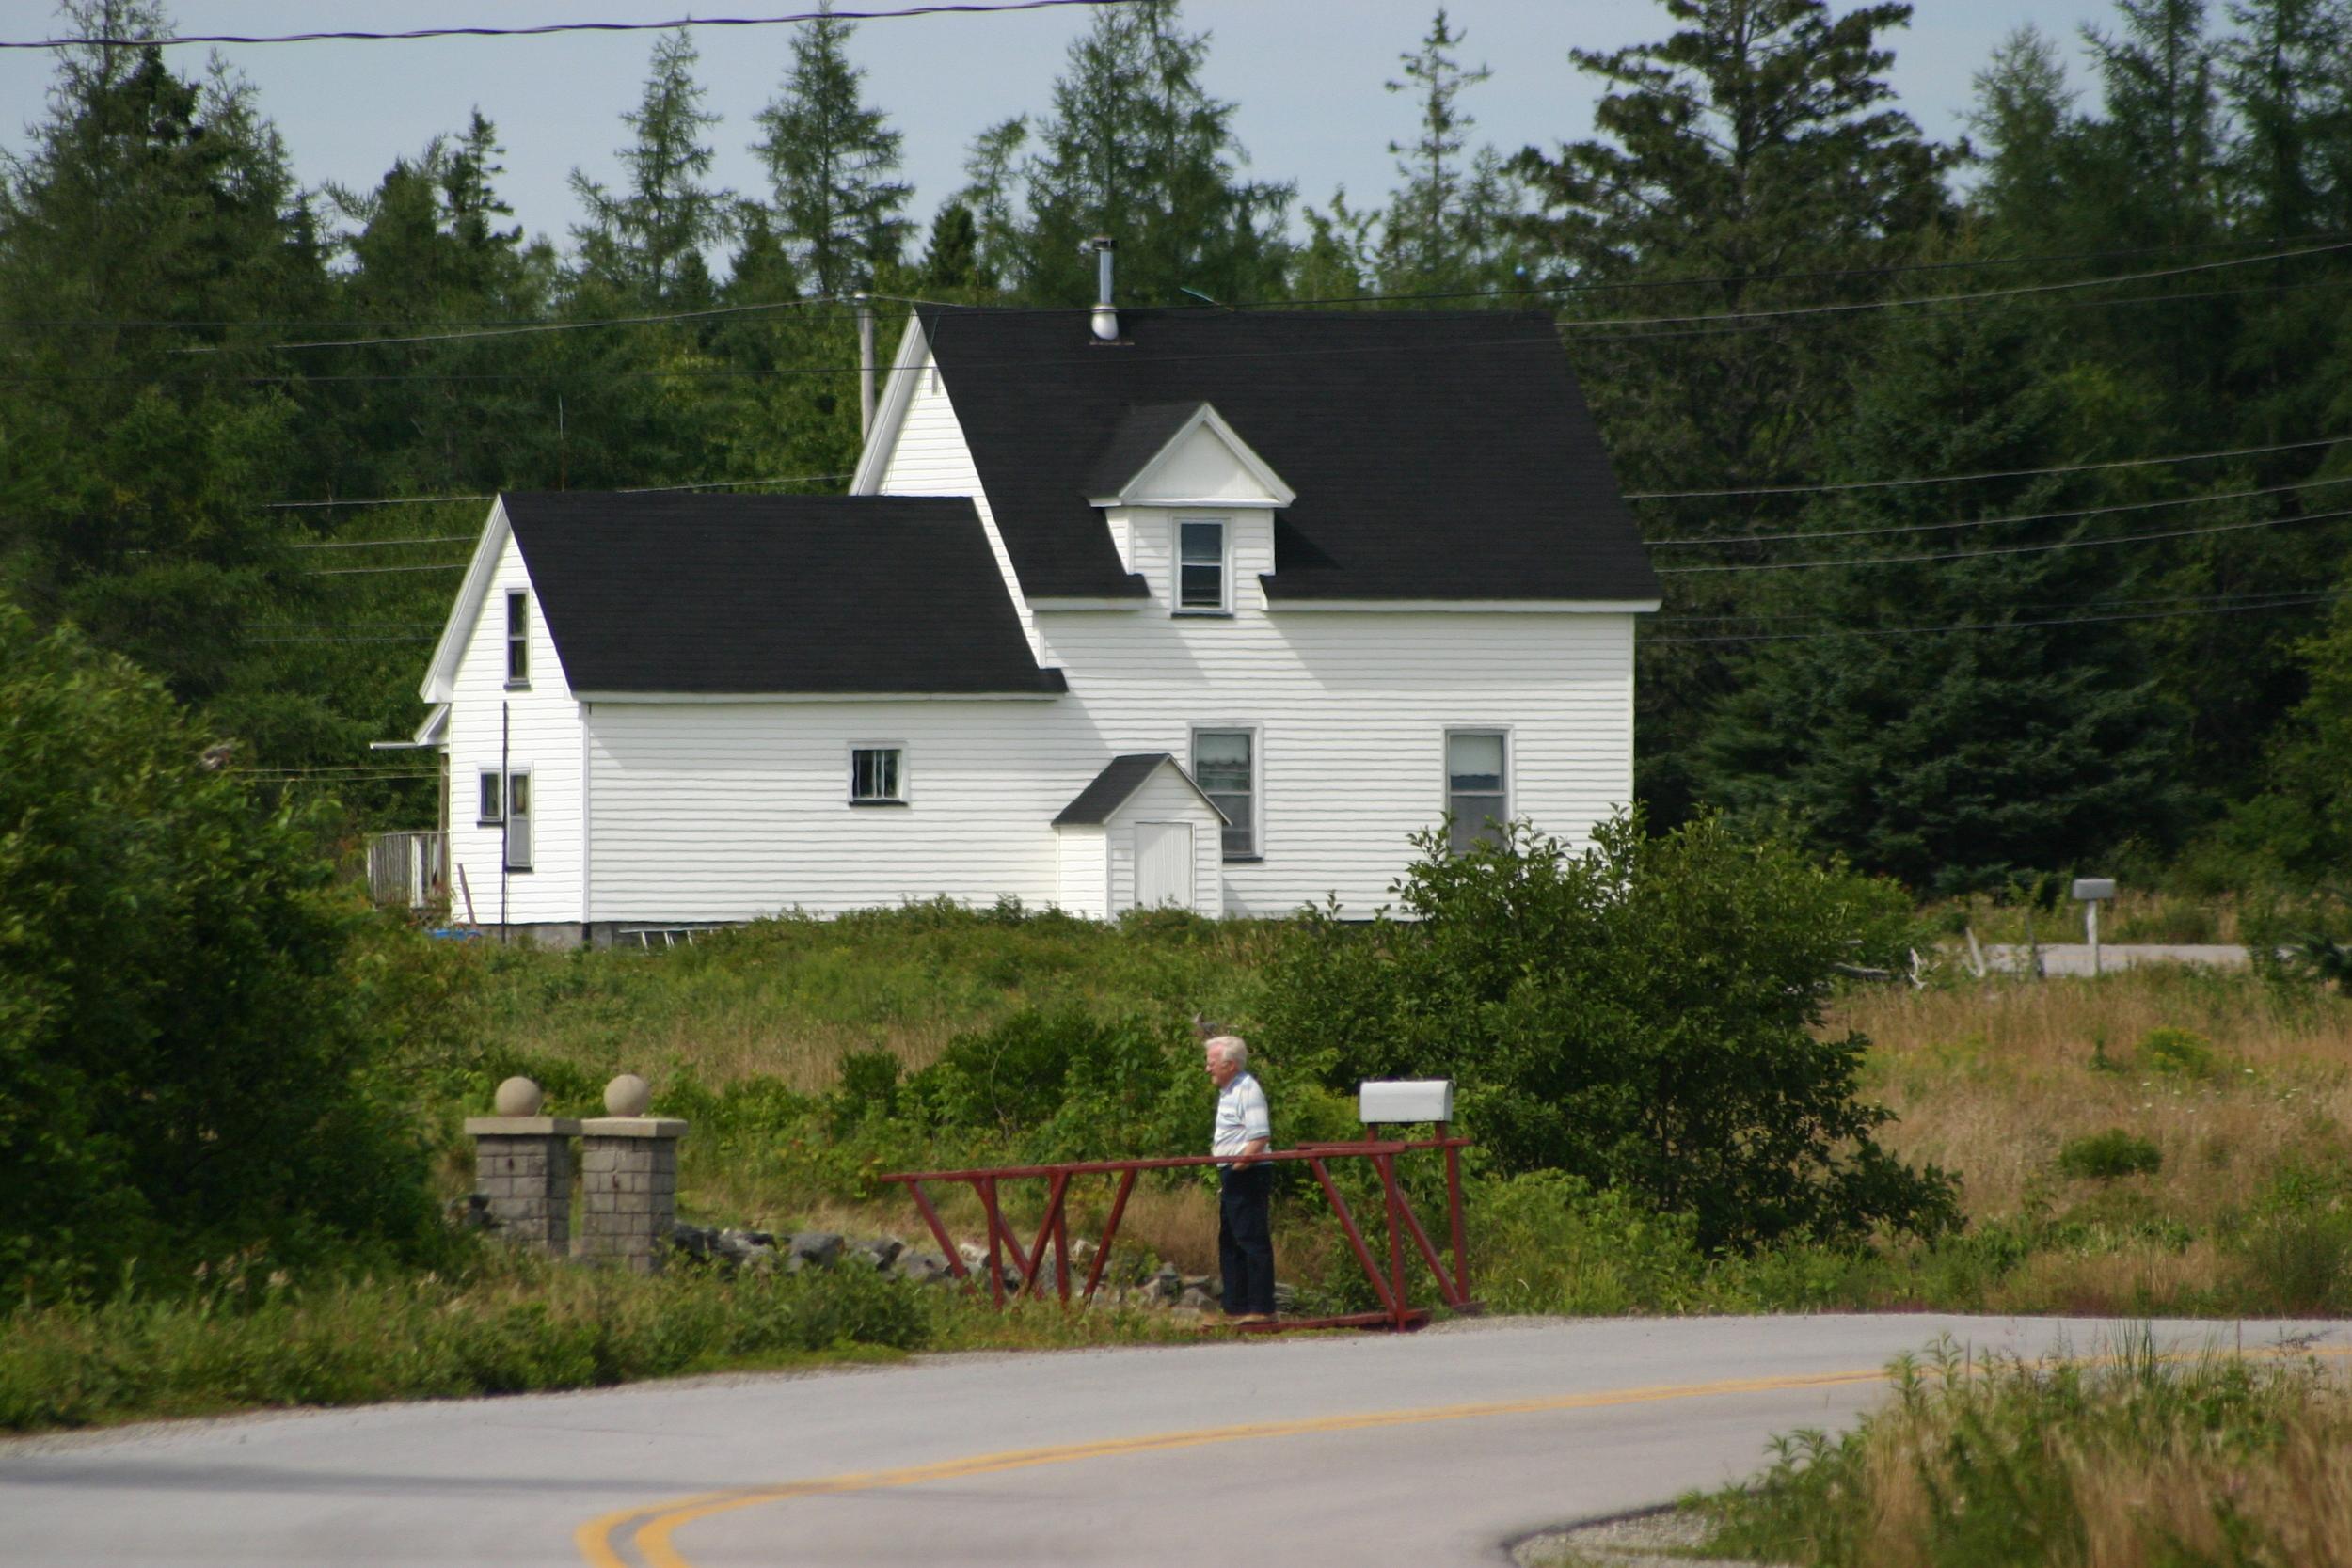 Giant House